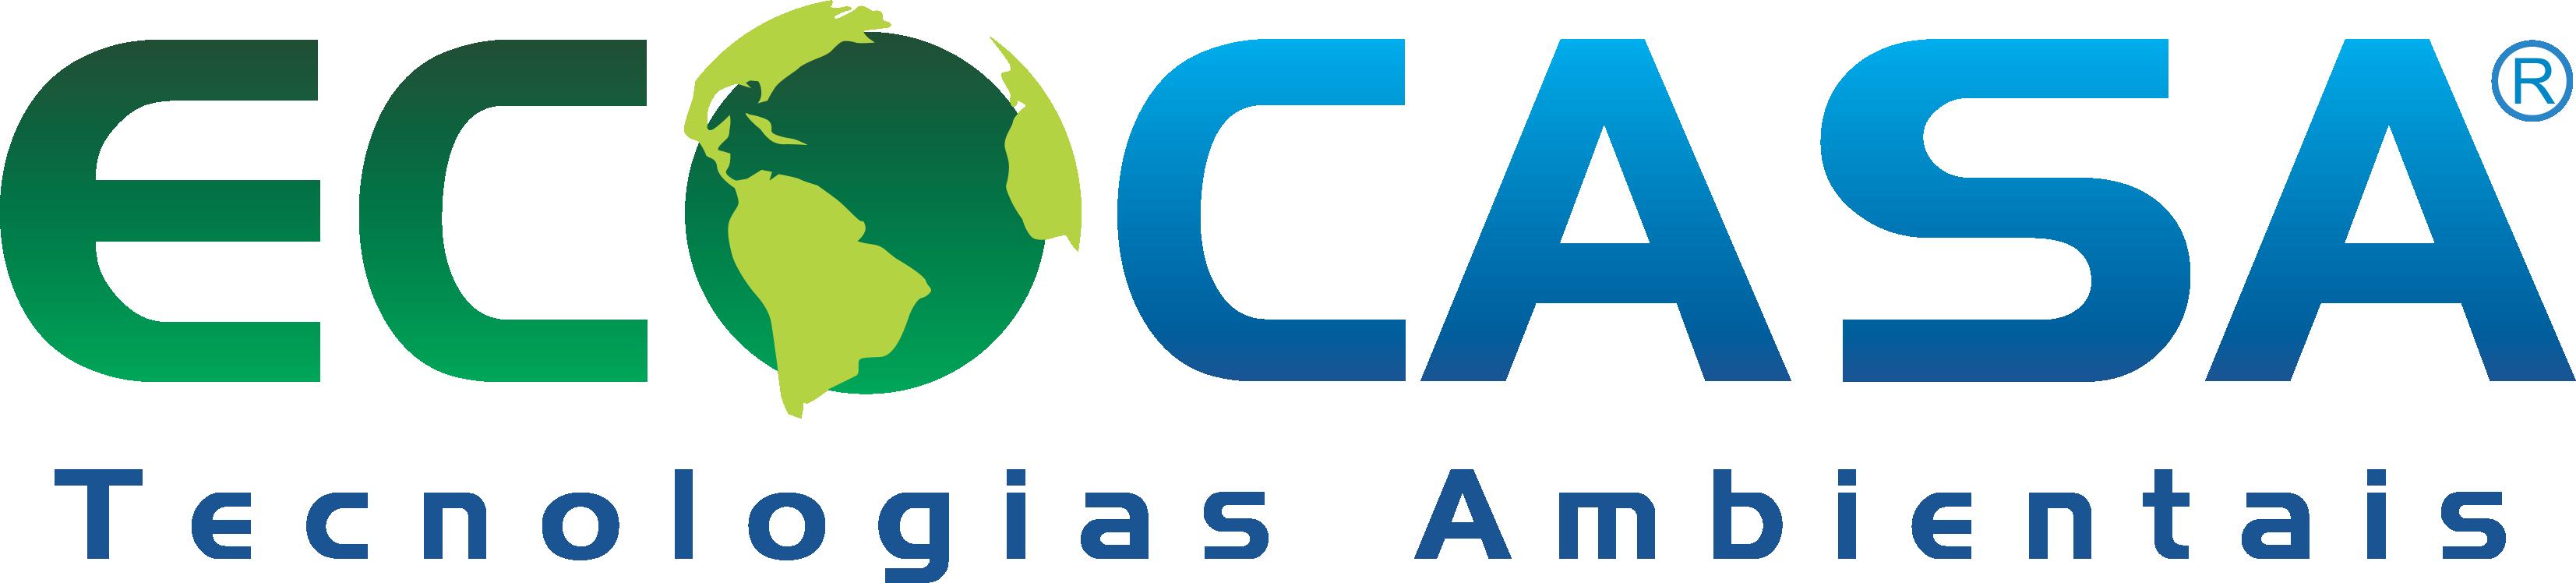 EcoCasa | Construção Sustentável: Soluções para Construção Sustentável!